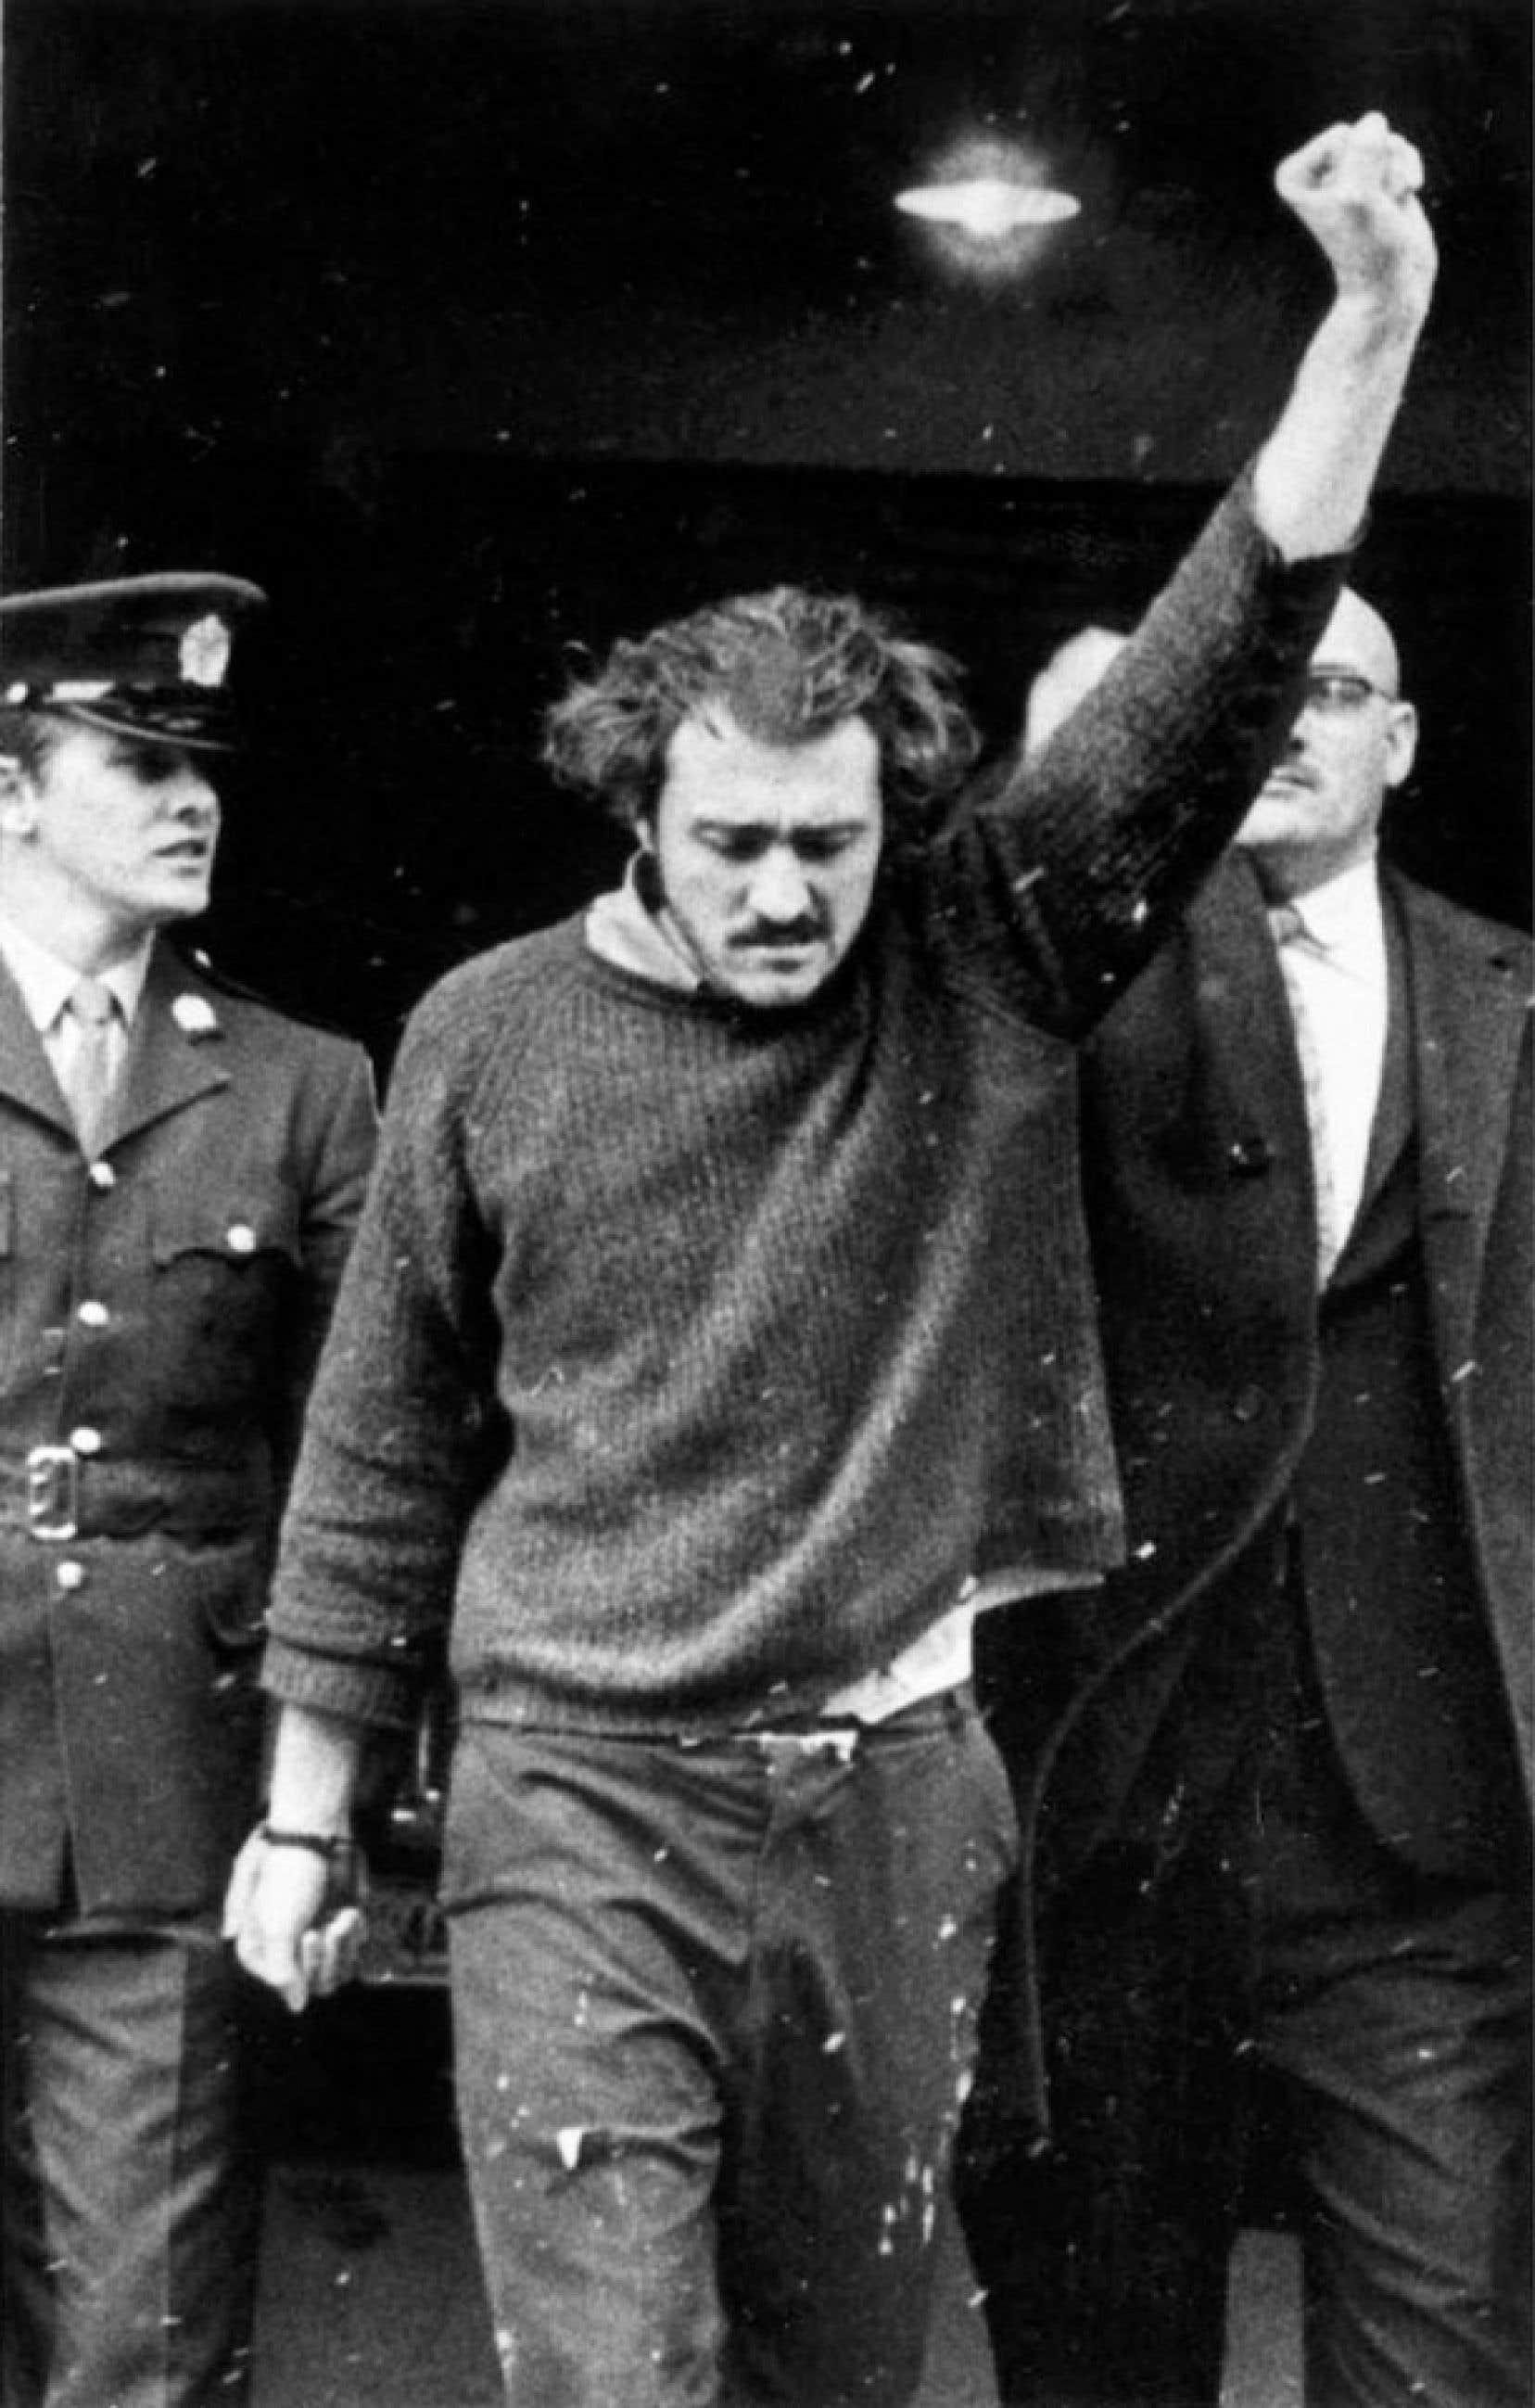 Paul Rose à l'entrée du palais de justice de Montréal en janvier 1971. Son garde-chiourme, AlbertLysachek (àdroite),s'empresserade rabaisser son poing combatif tendu vers le ciel.